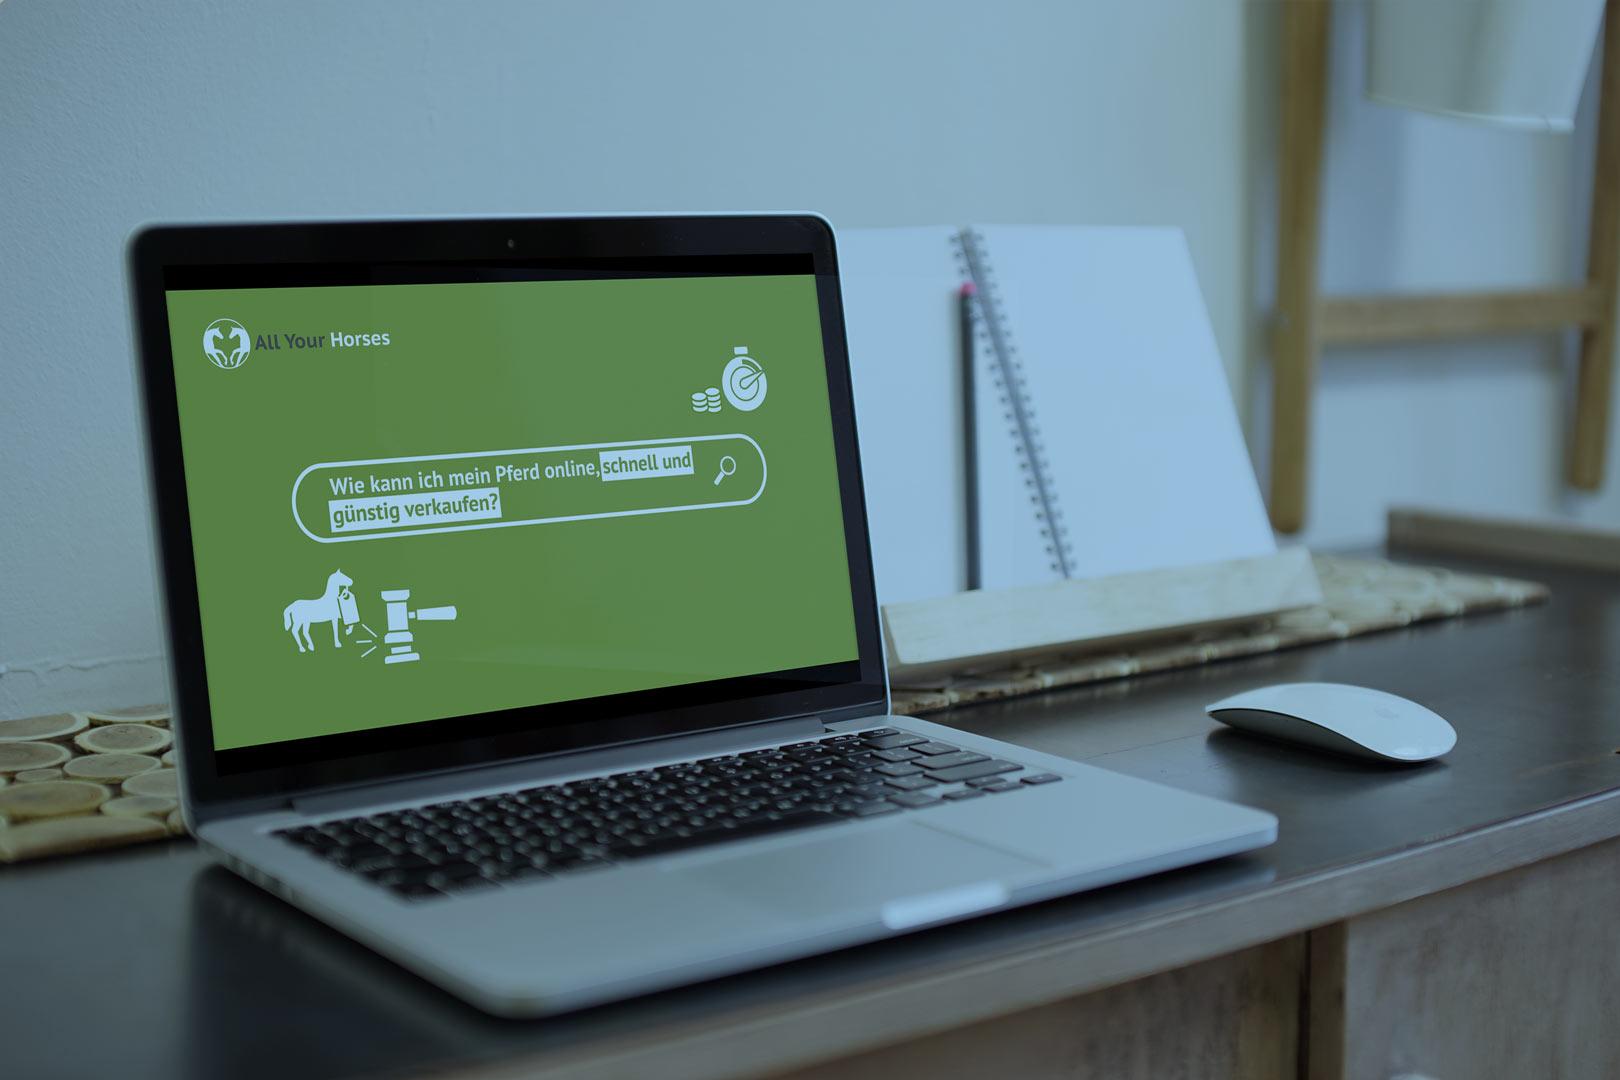 Referenz eines Kunden wird auf einem Laptop dargestellt.